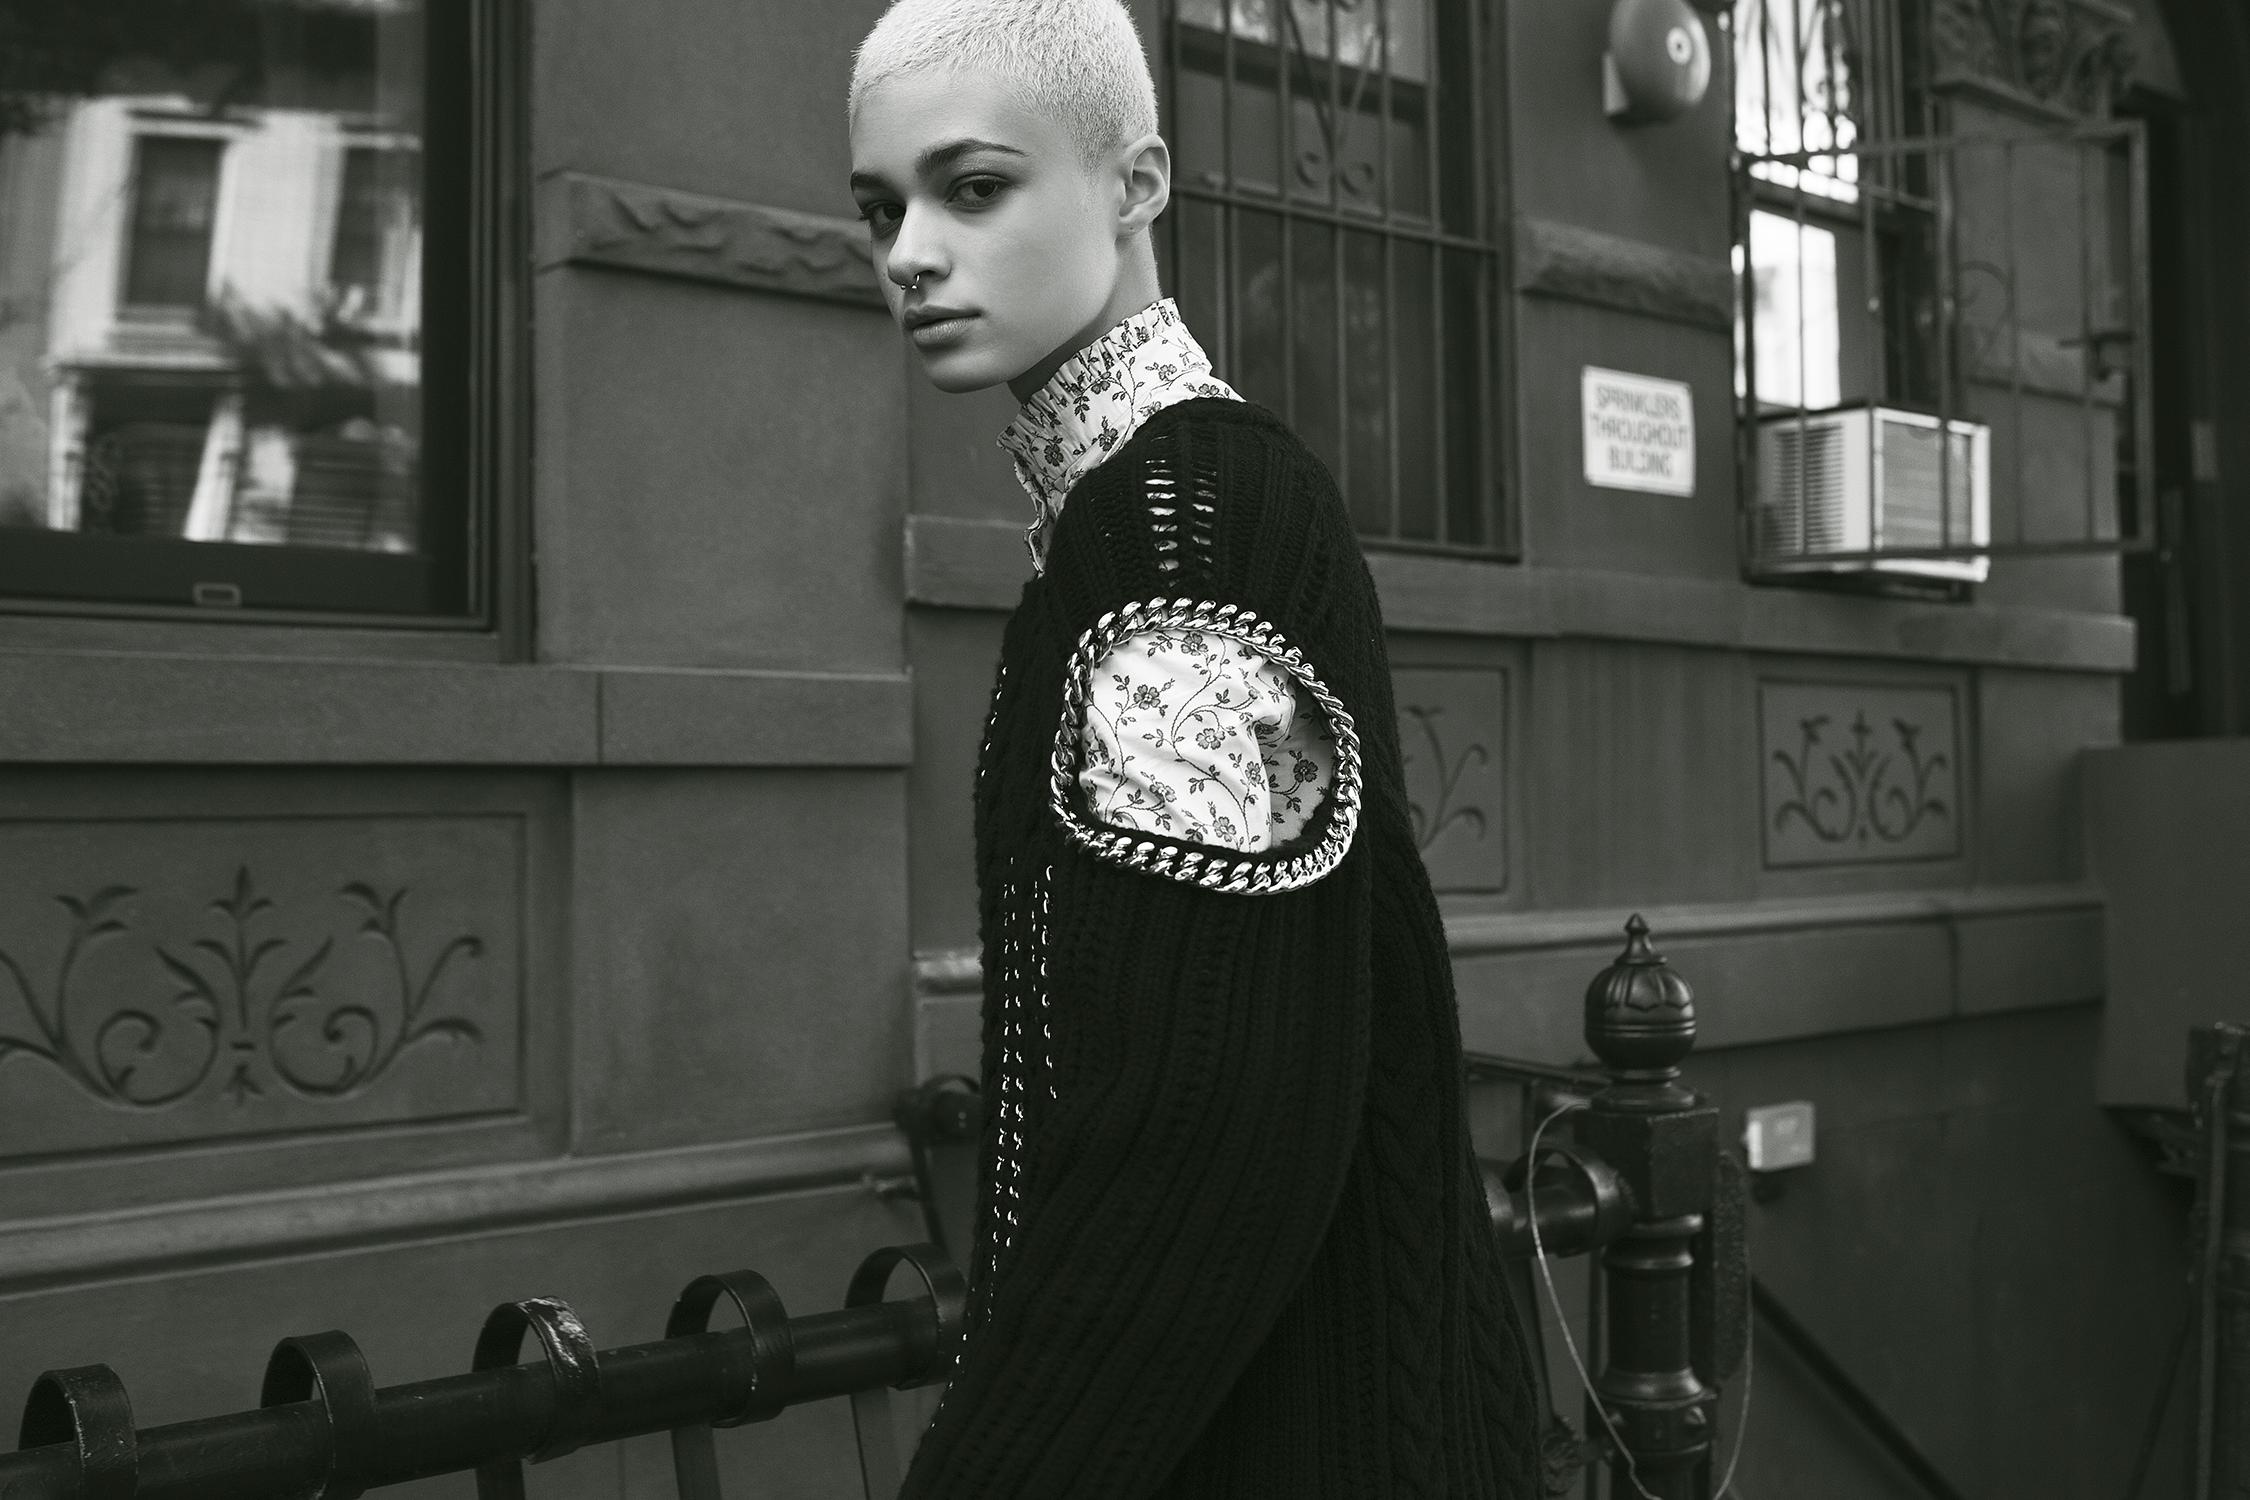 Mini vestido Alexander McQueen, suéter tejido, y botas, Saks Fifth Avenue. Vestido